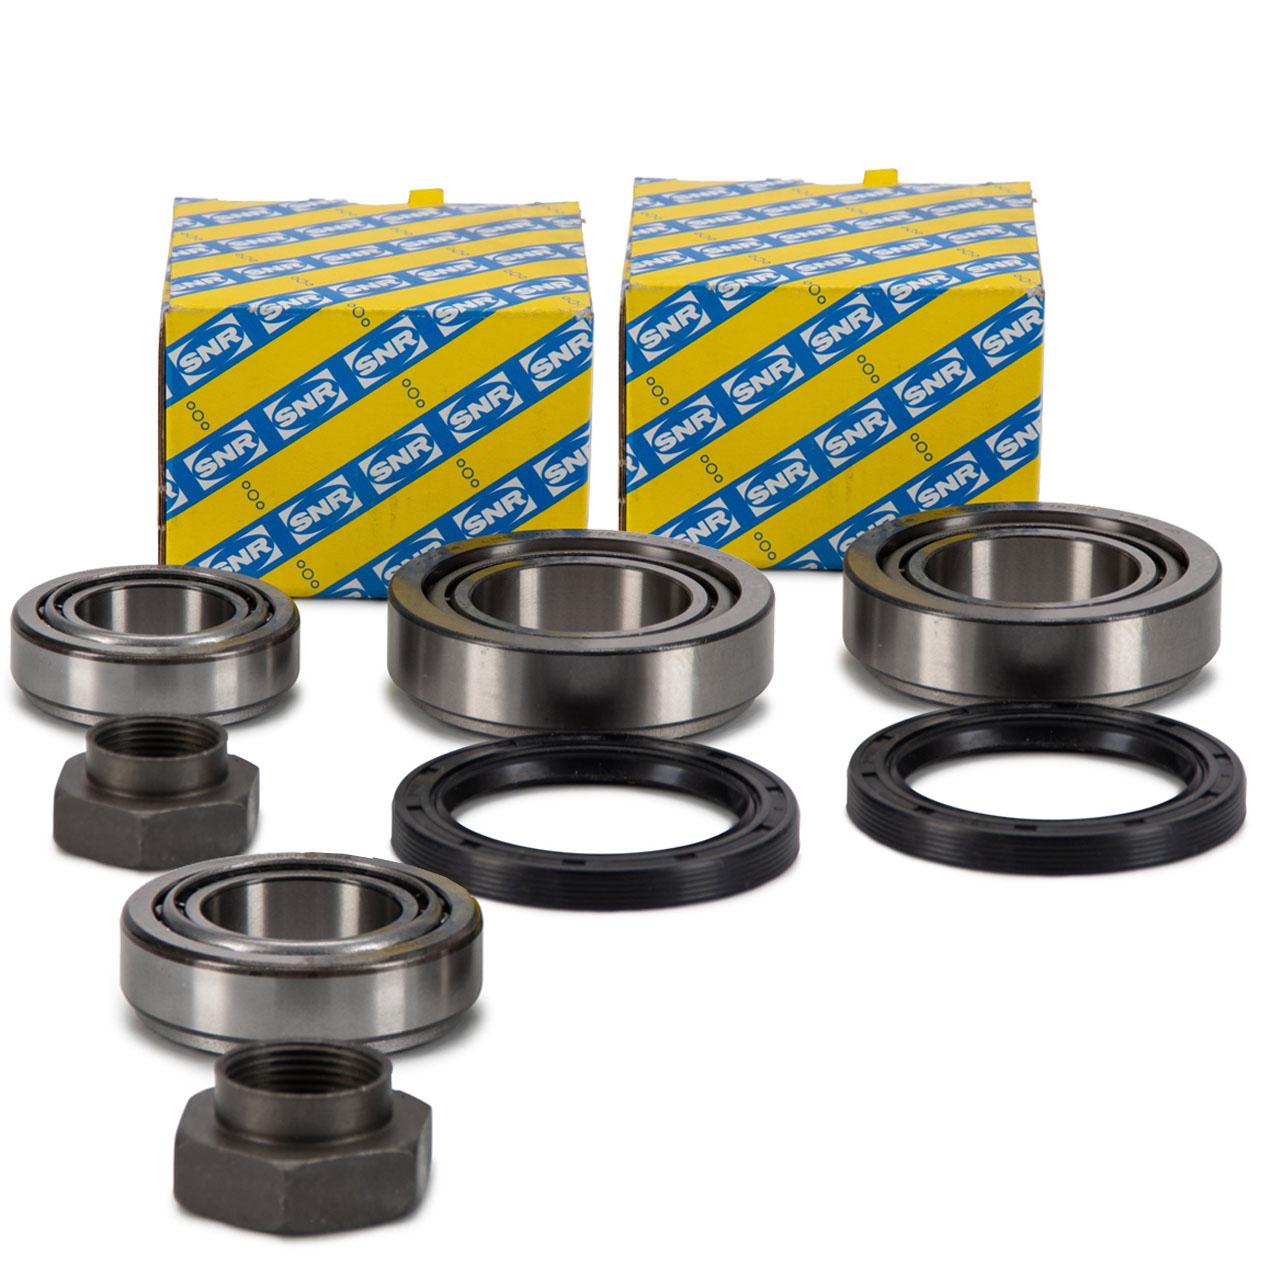 2x SNR R154.22 Radlagersatz Radlager VW LT 28-35 I + LT 40-55 I vorne 291498625